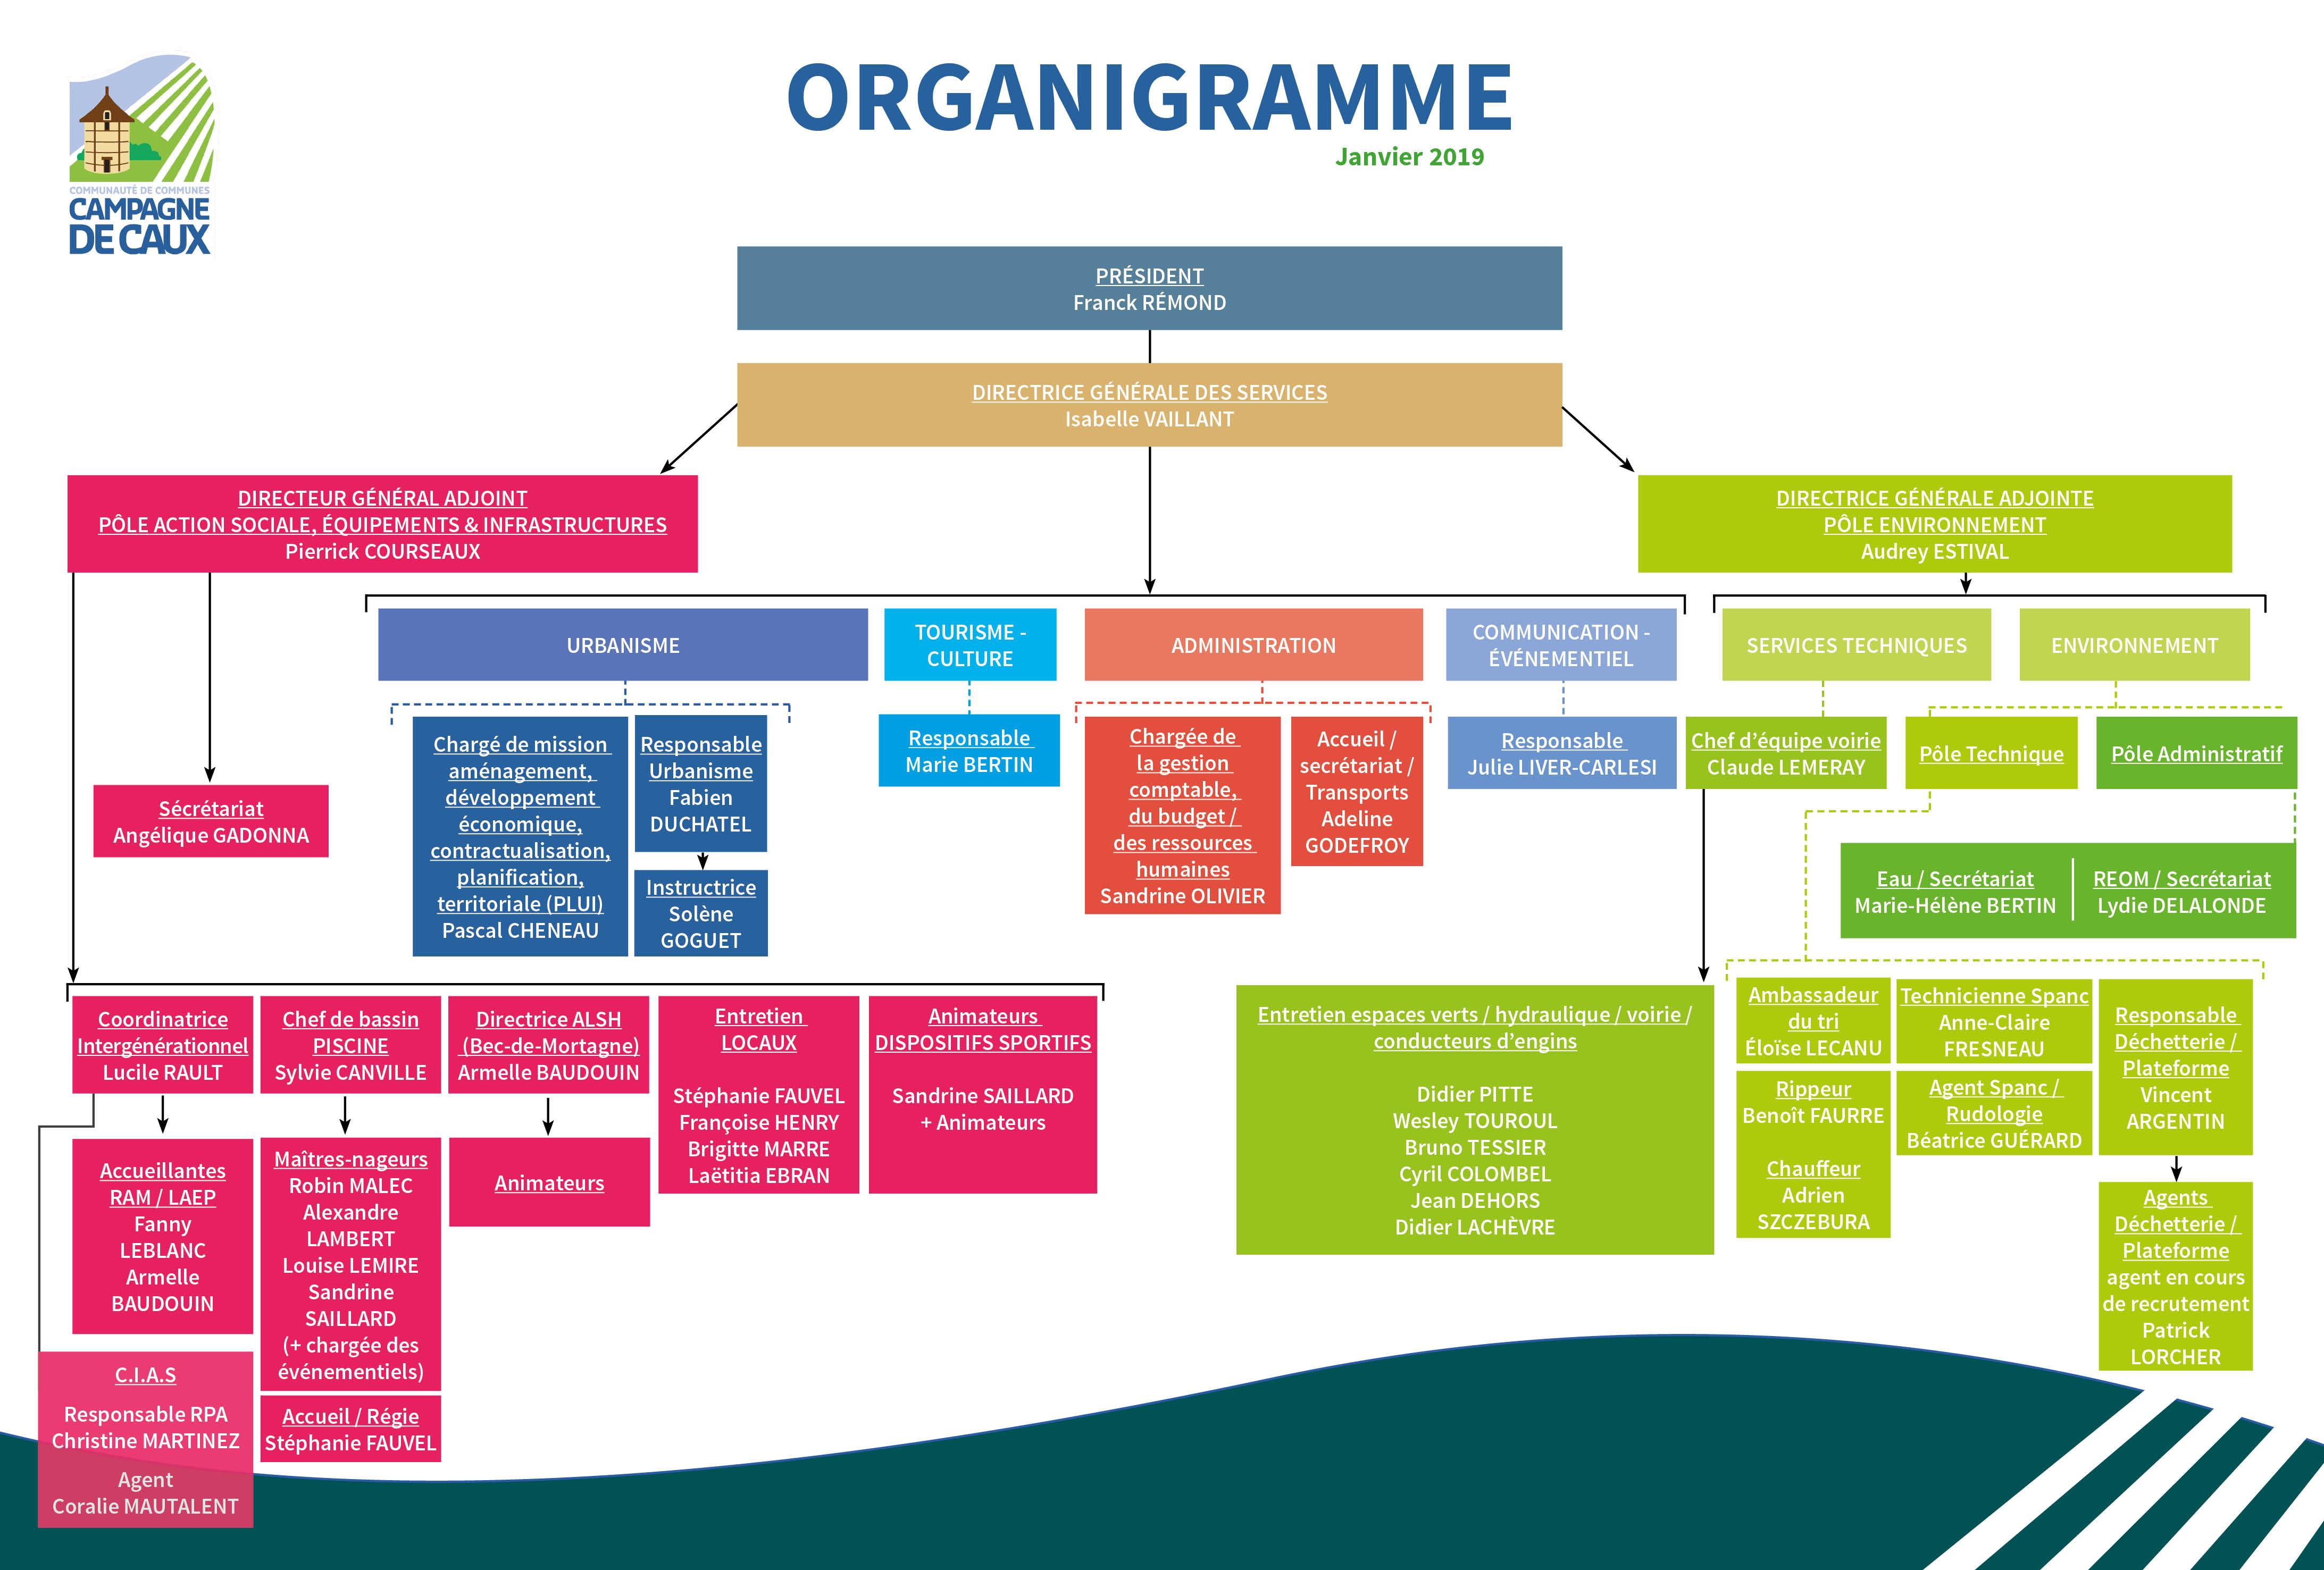 Organigramme4C